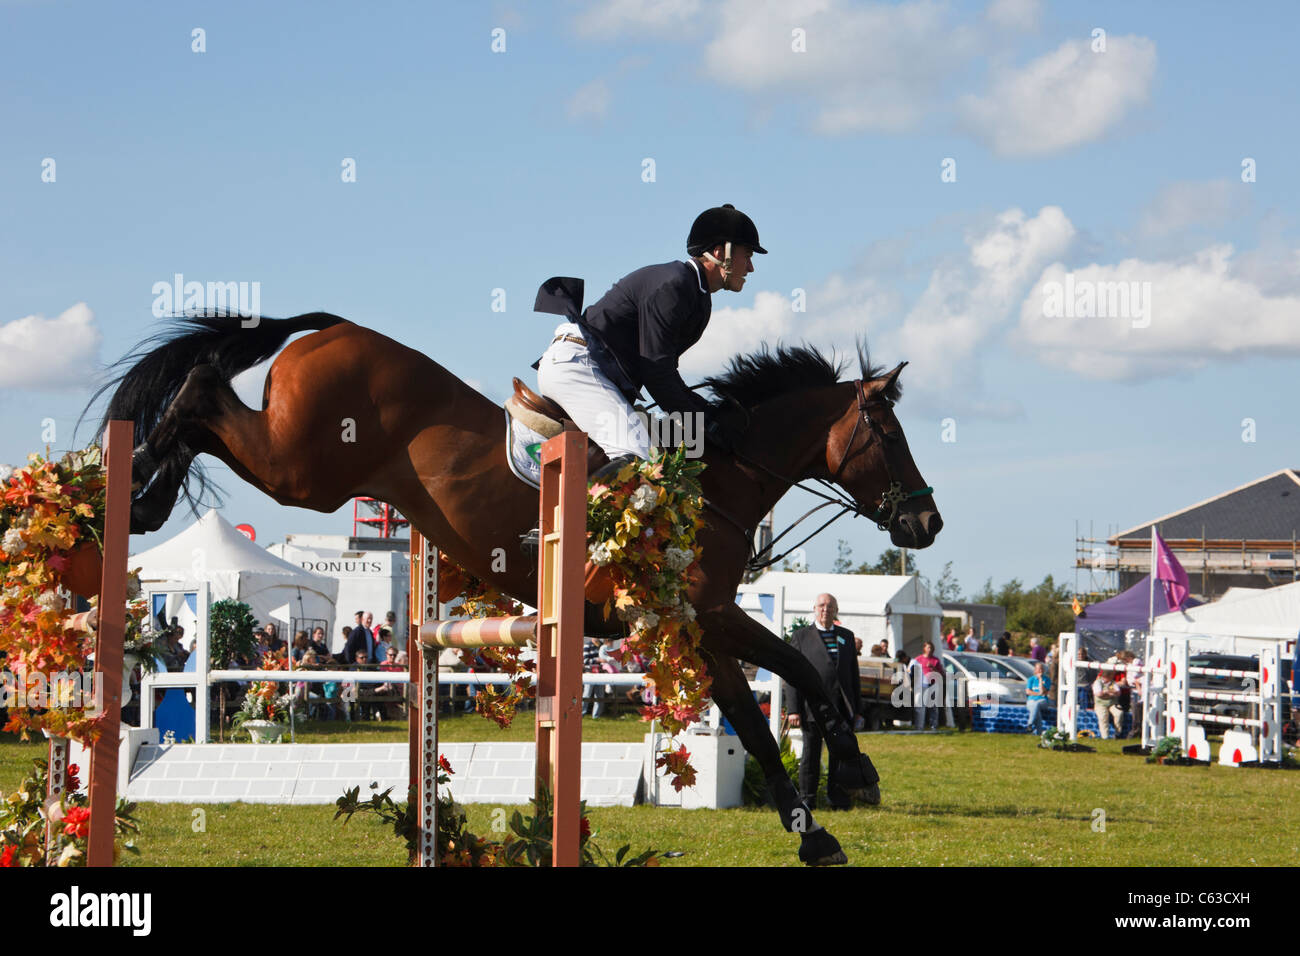 El norte de Gales, Reino Unido. Evento hípico internacional con caballo y jinete saltando a salta en Anglesey Imagen De Stock